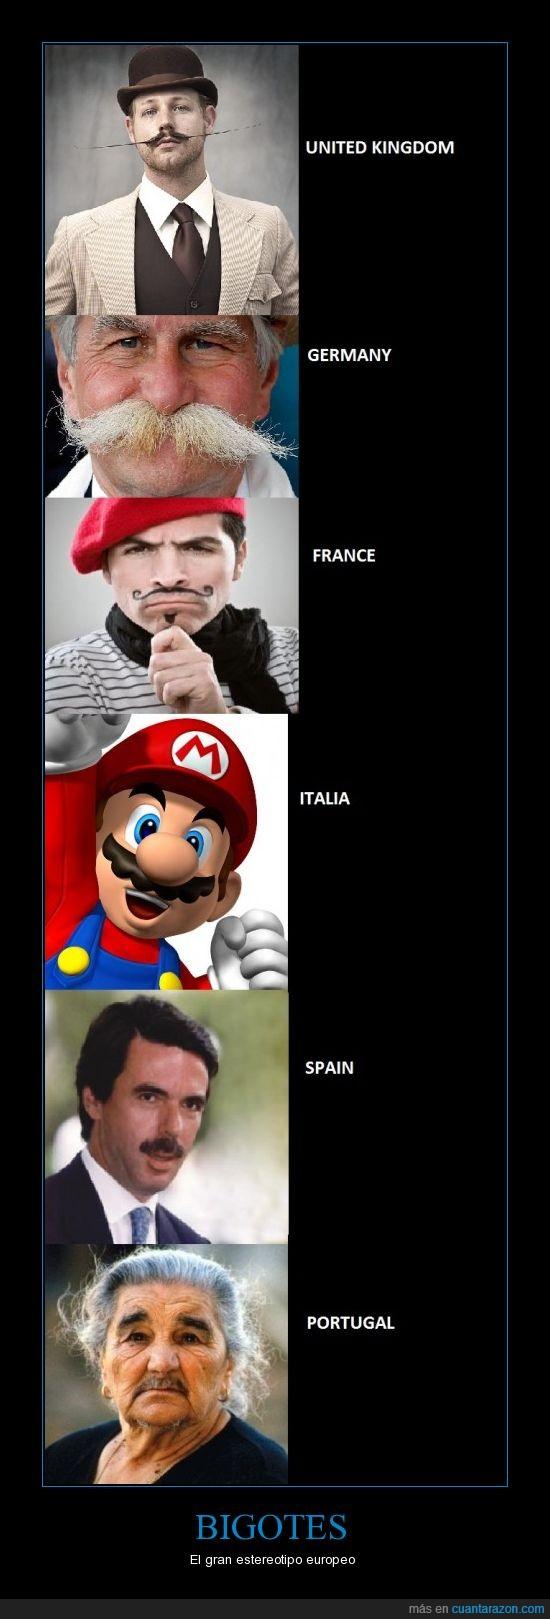 aznar,bigotes,estereotipo,europa,mario,portugal